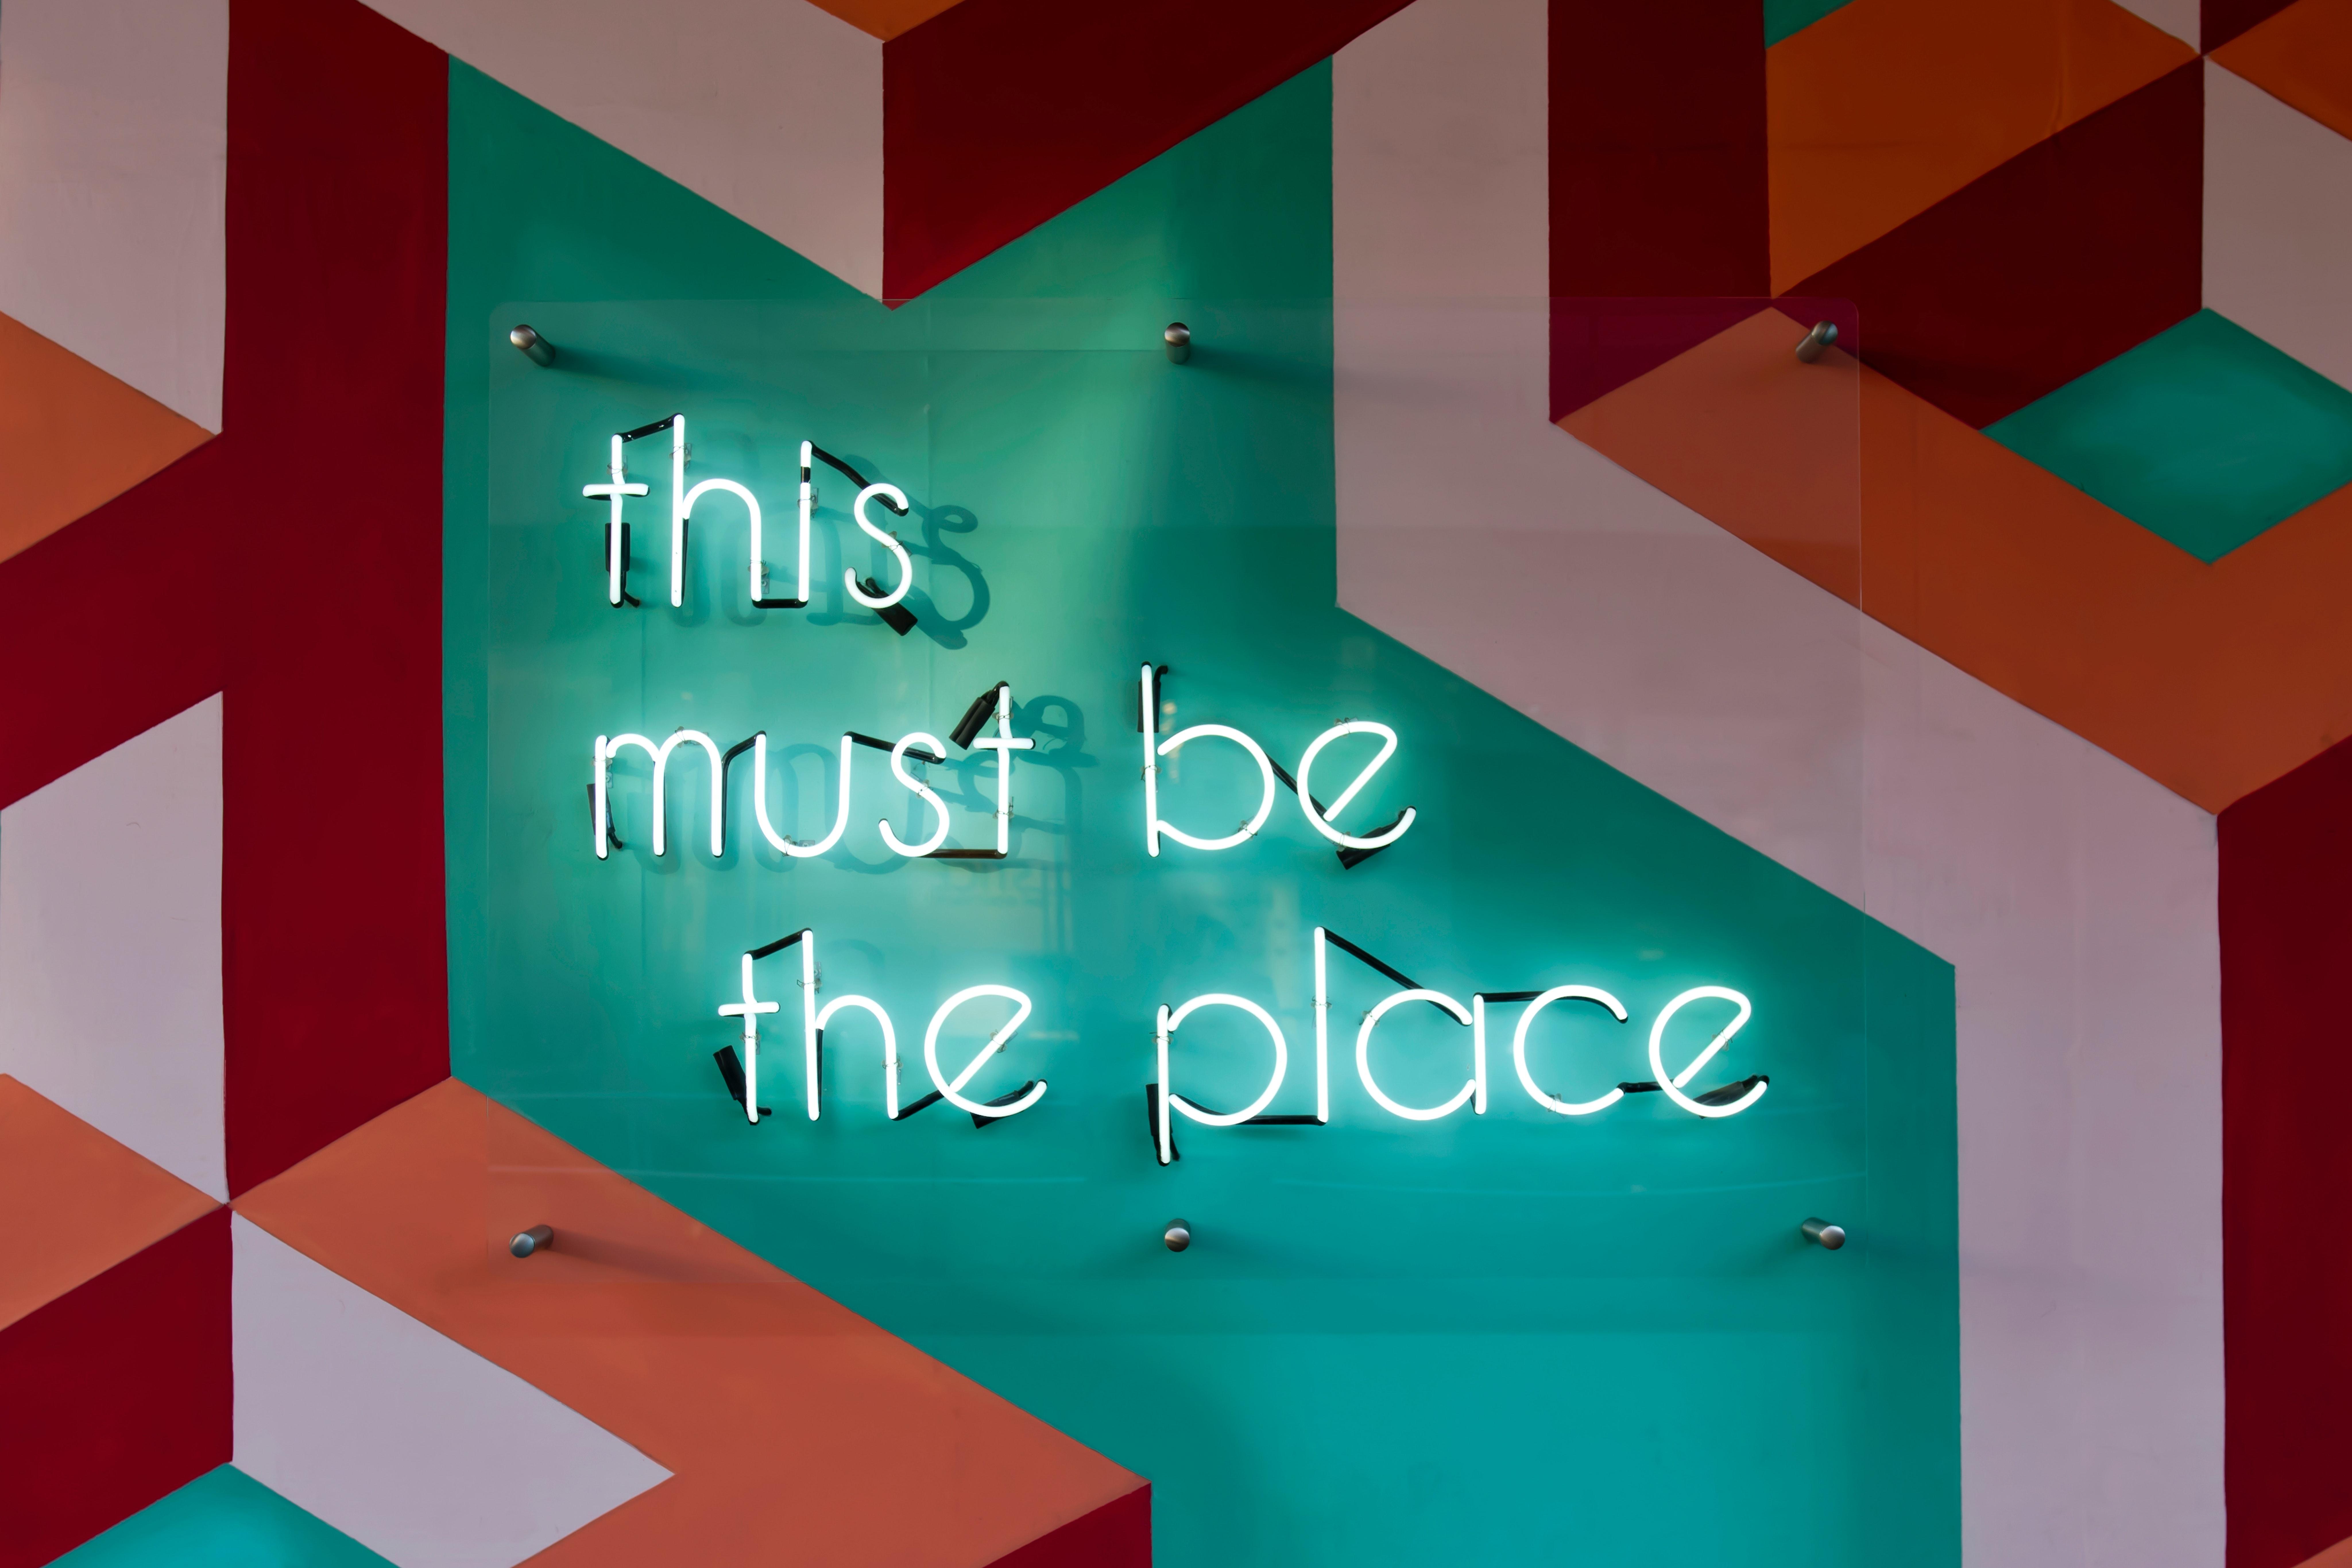 signage design image one